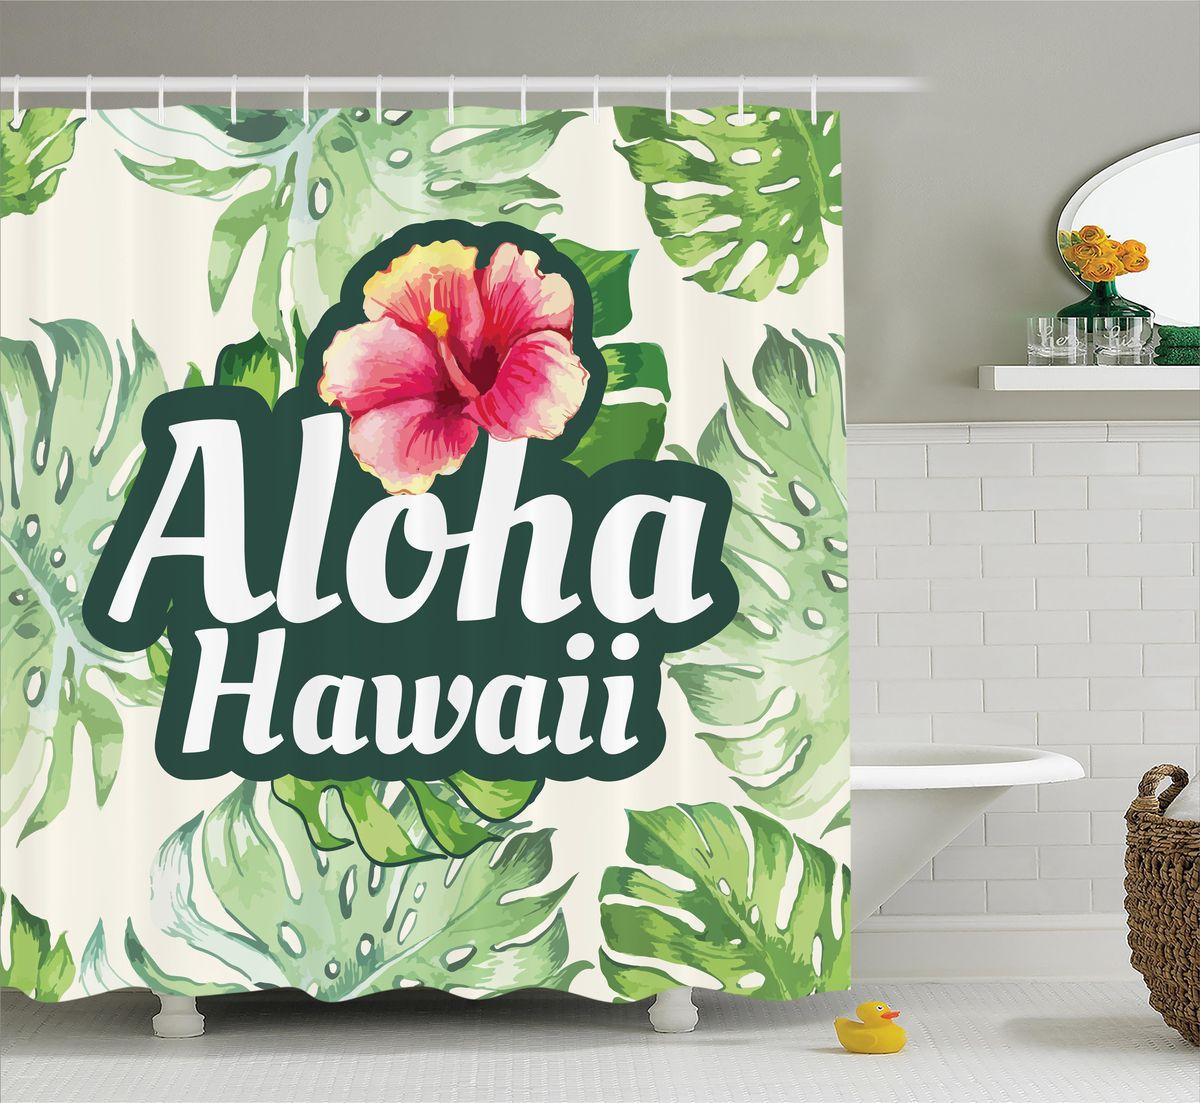 Штора для ванной комнаты Magic Lady Aloha. Hawaii, 180 х 200 смRG-D31SШтора Magic Lady Aloha. Hawaii, изготовленная из высококачественного сатена (полиэстер 100%), отлично дополнит любой интерьер ванной комнаты. При изготовлении используются специальные гипоаллергенные чернила для прямой печати по ткани, безопасные для человека.В комплекте: 1 штора, 12 крючков. Обращаем ваше внимание, фактический цвет изделия может незначительно отличаться от представленного на фото.